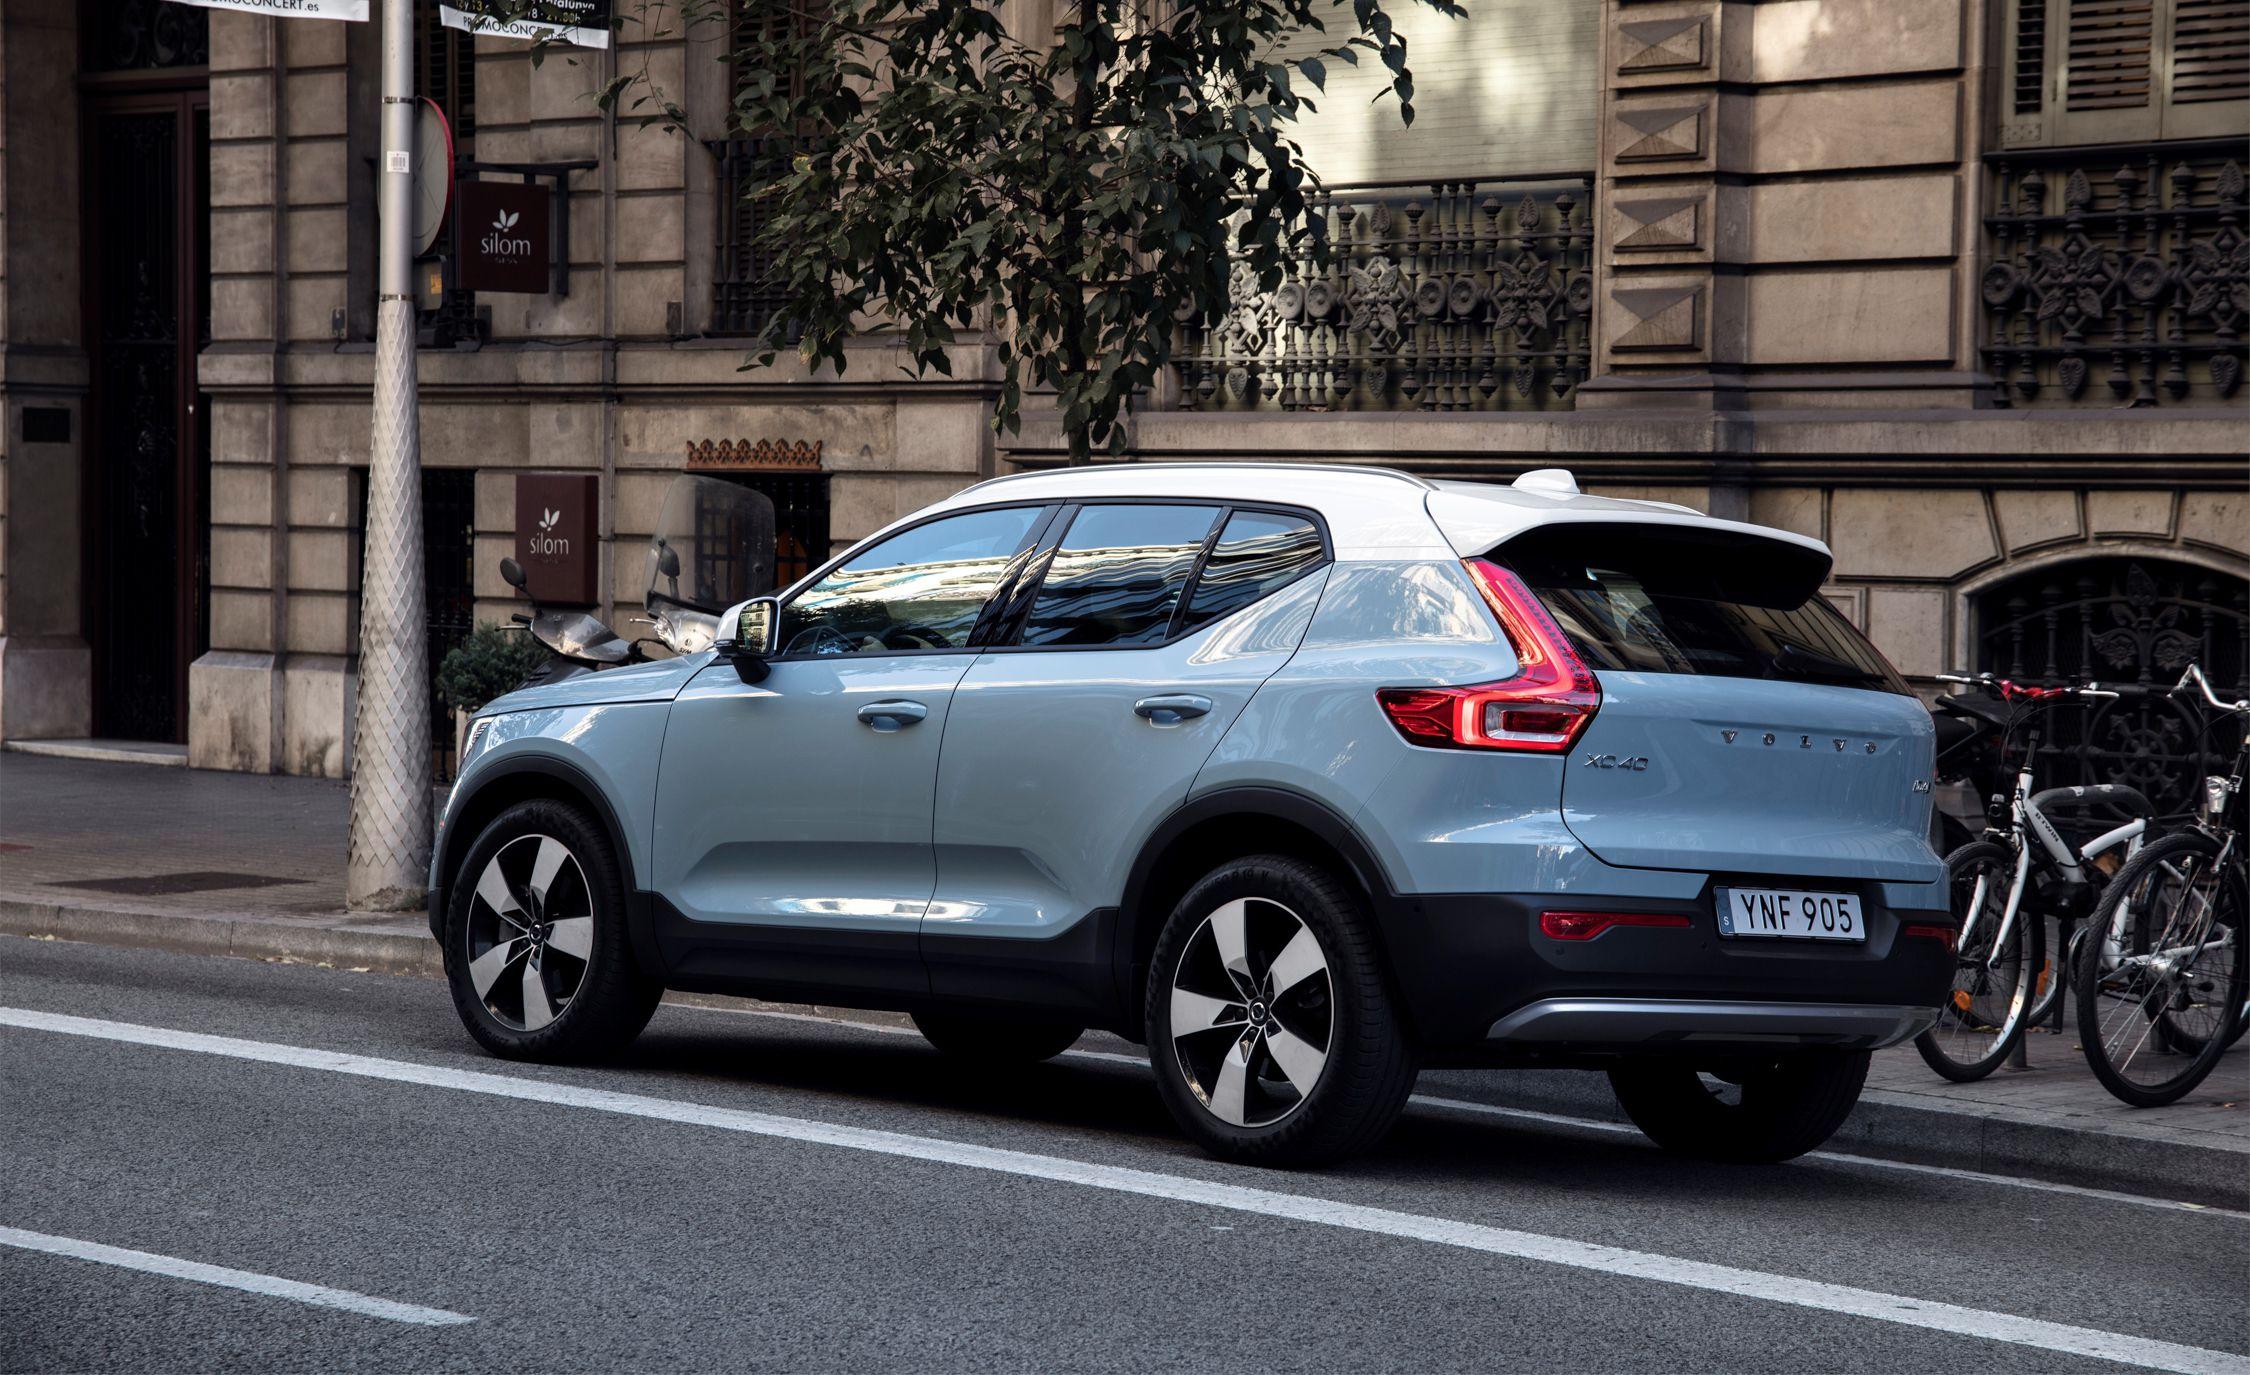 Volvo Launch The XC40